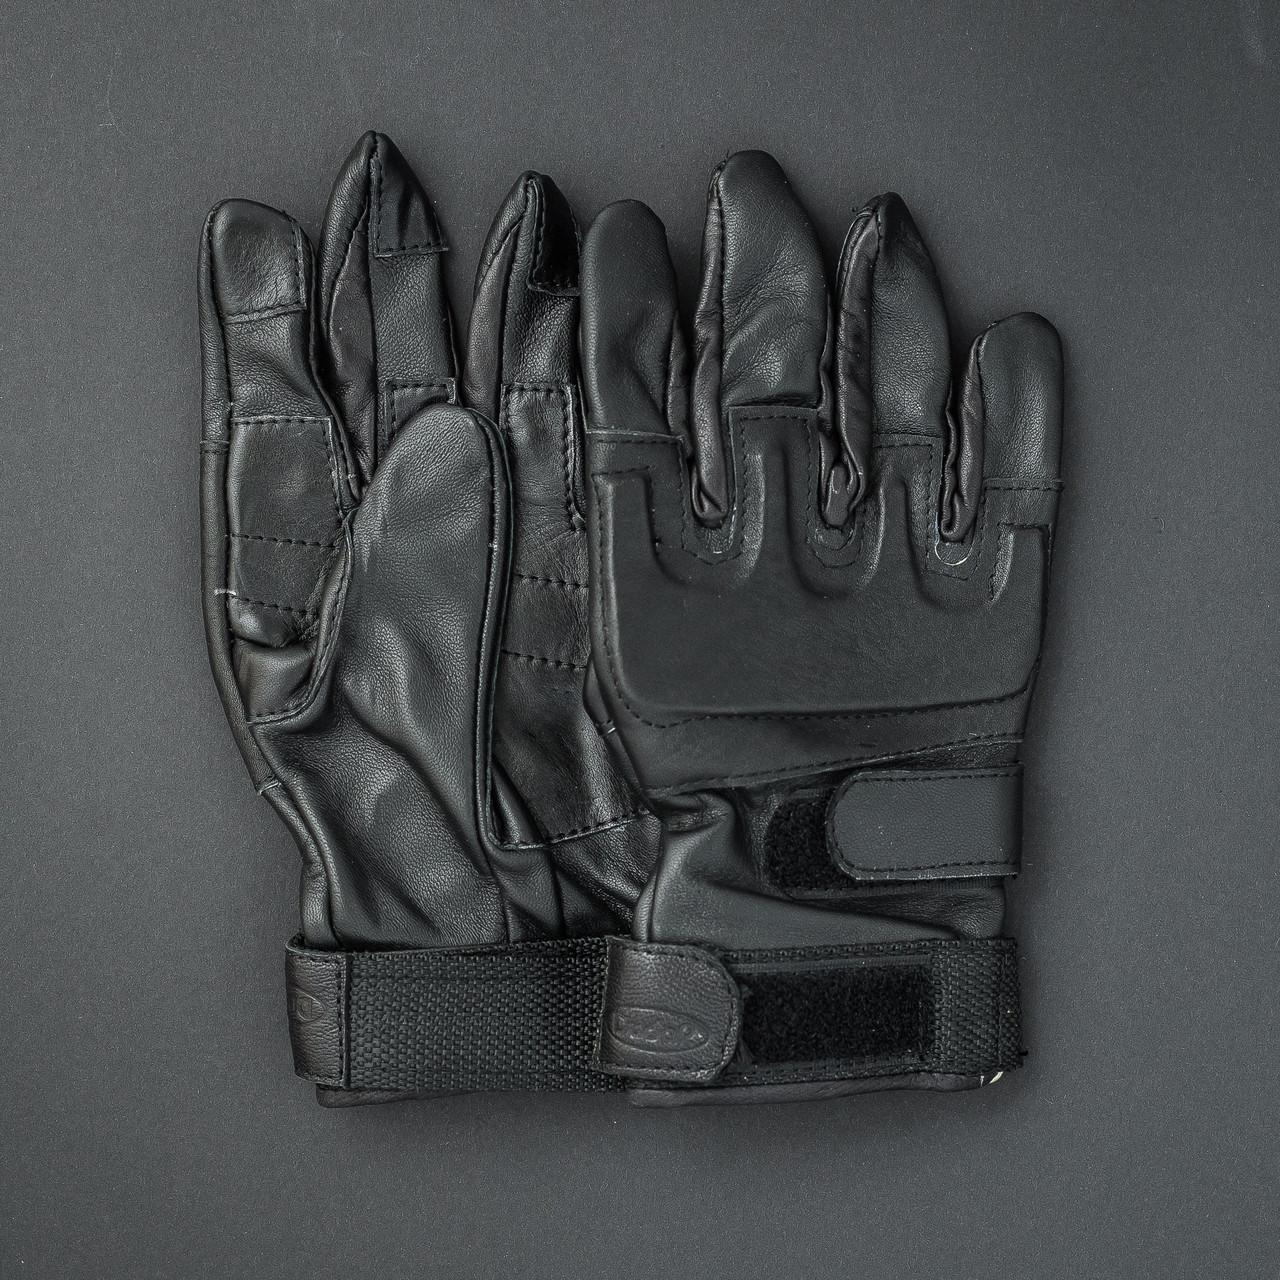 Рукавички шкіряні тактичні (чорні)